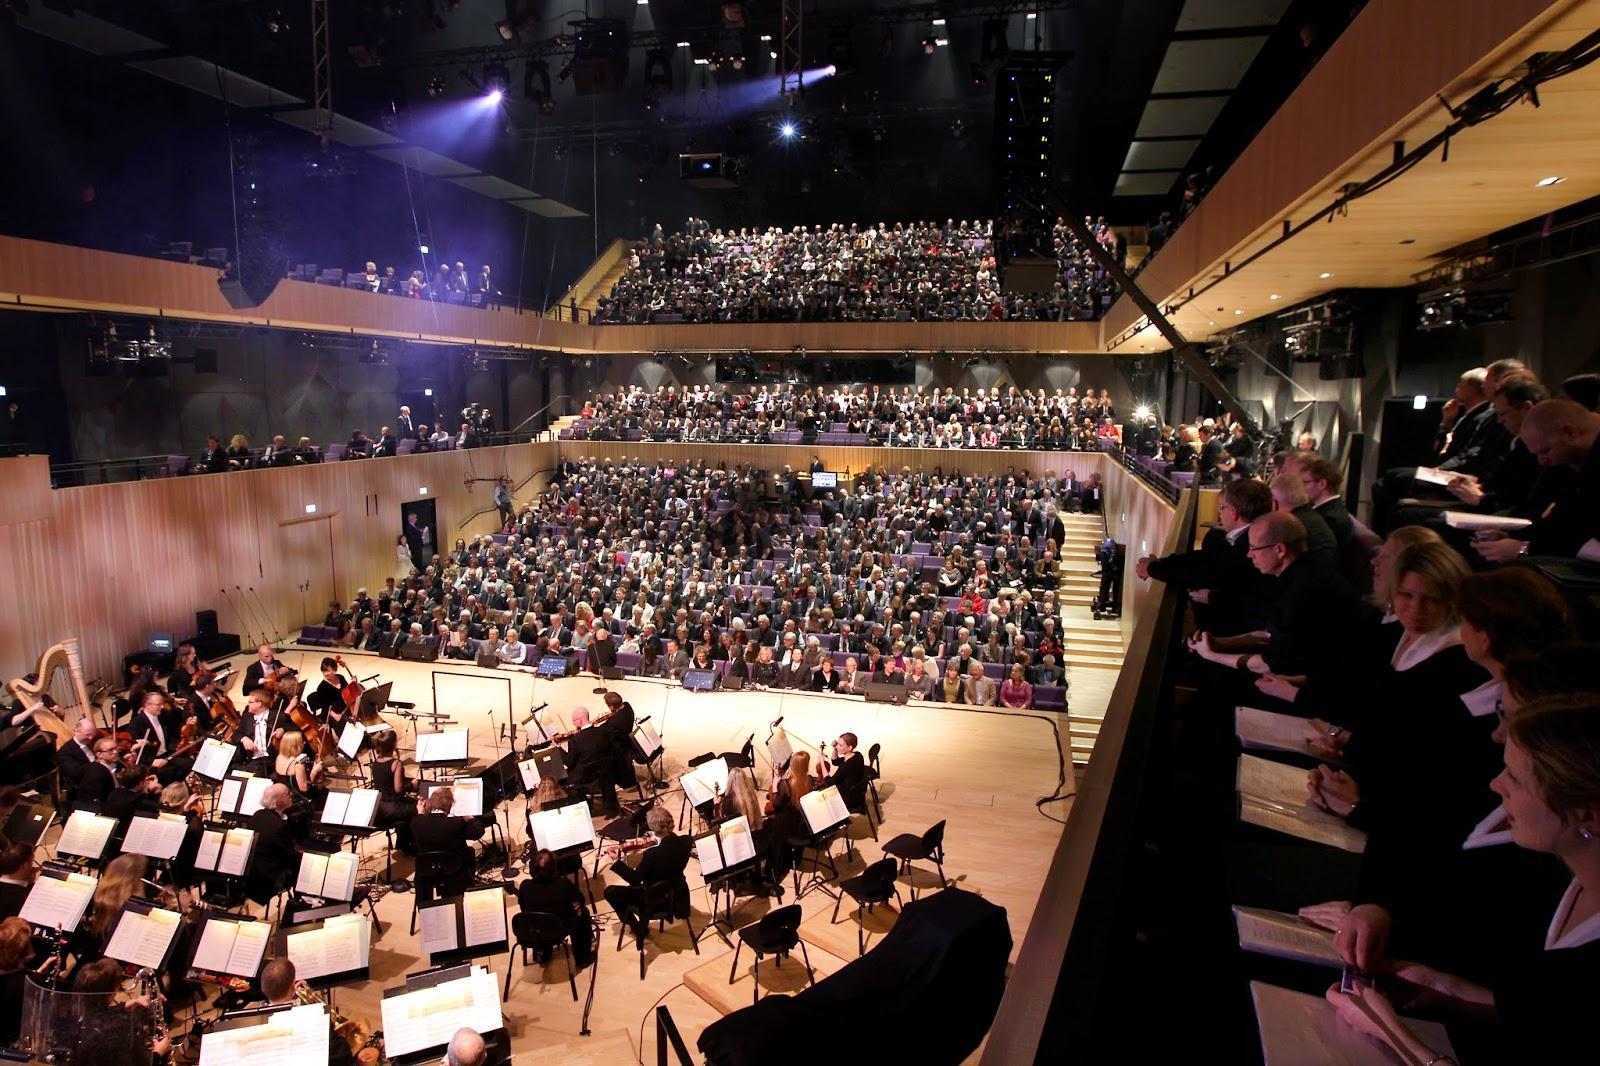 Konsertsalen i Kilden. Foto: Kjartan Bjelland